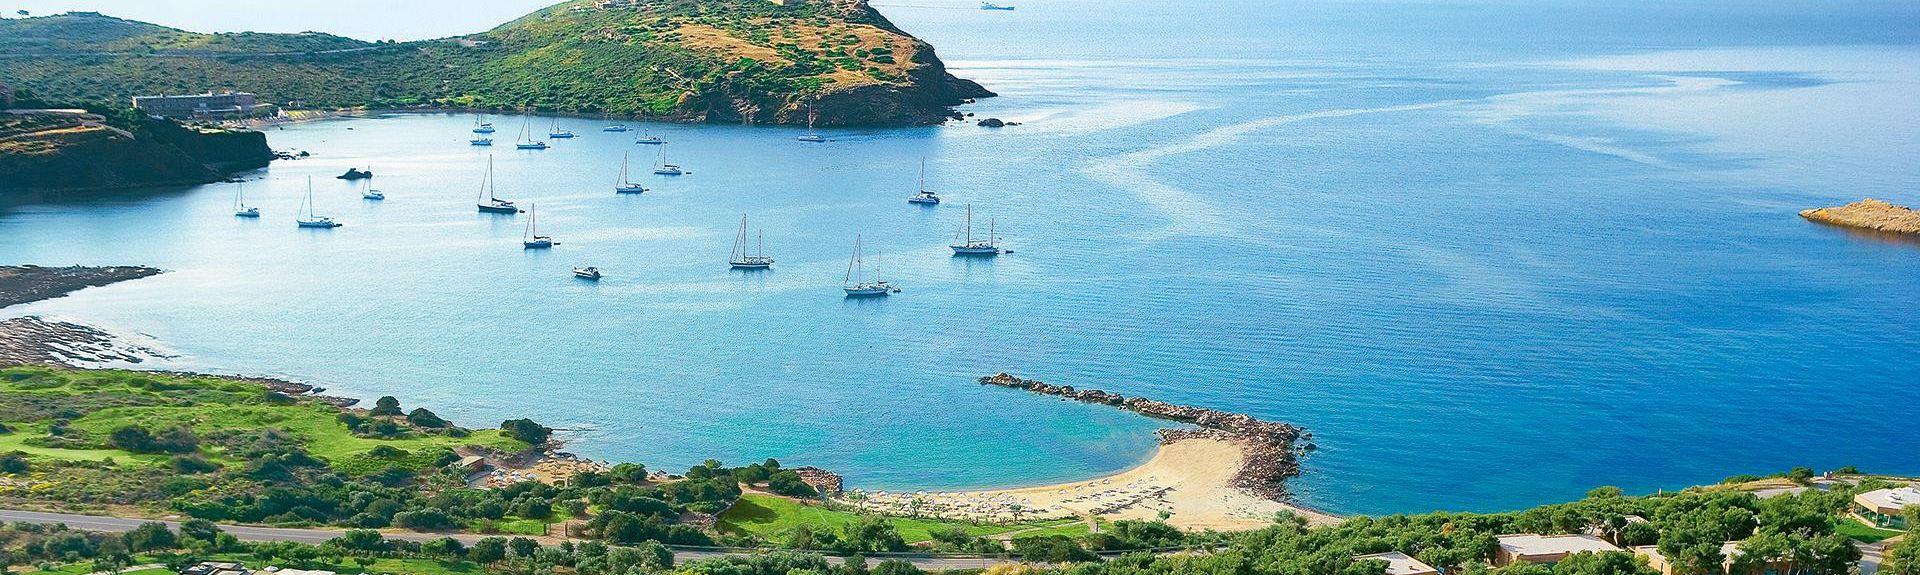 Anavyssos, Saronikos, Attika, Griechenland